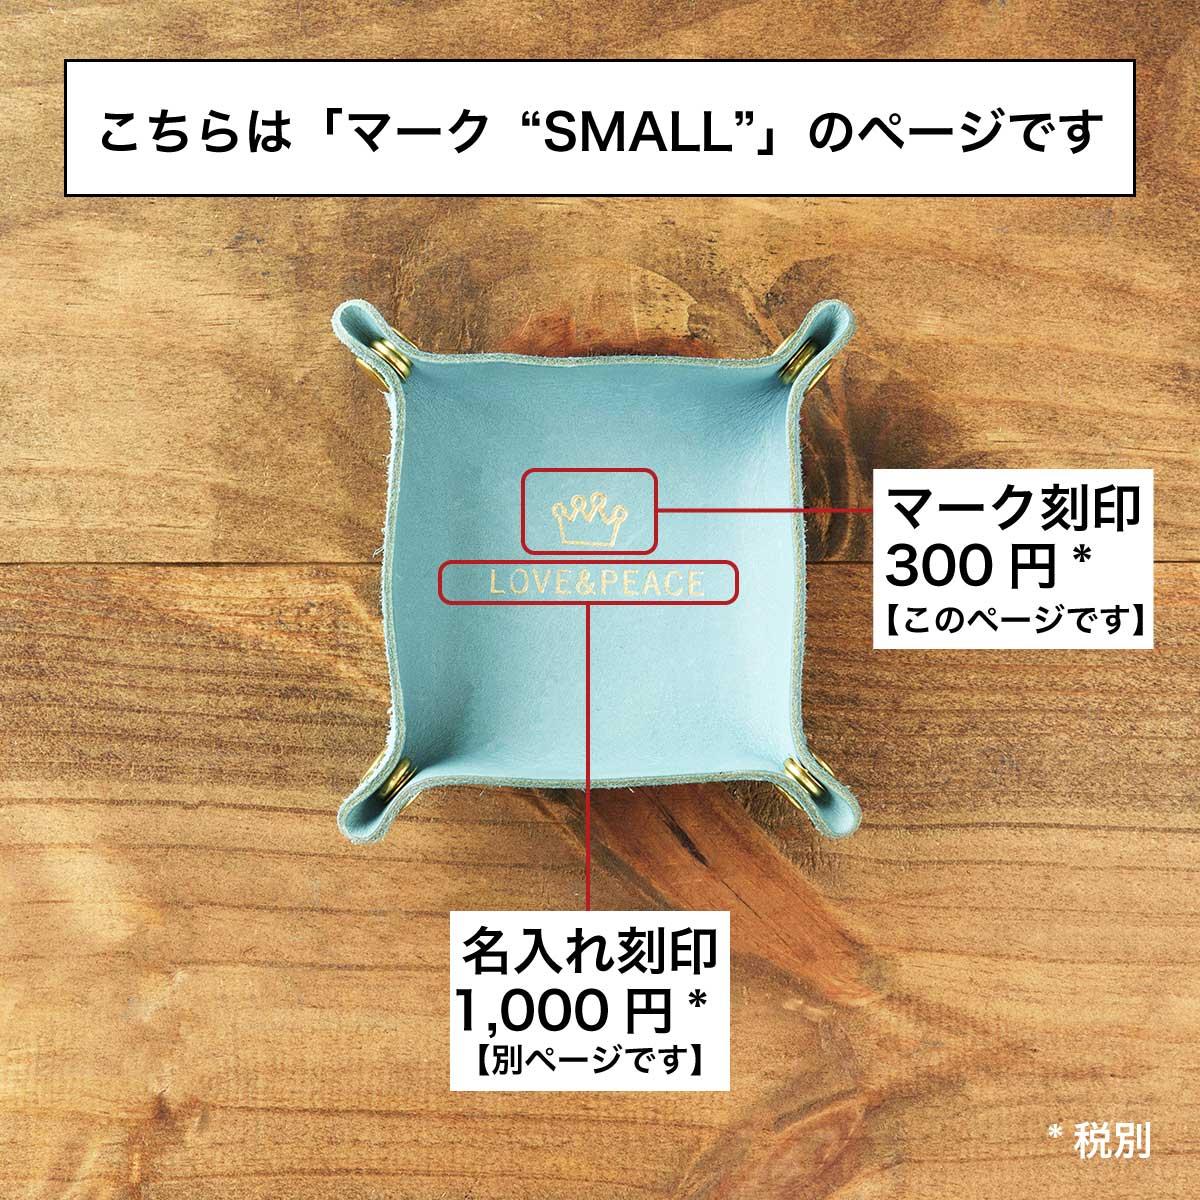 箔押しマーク(SMALL) 刻印